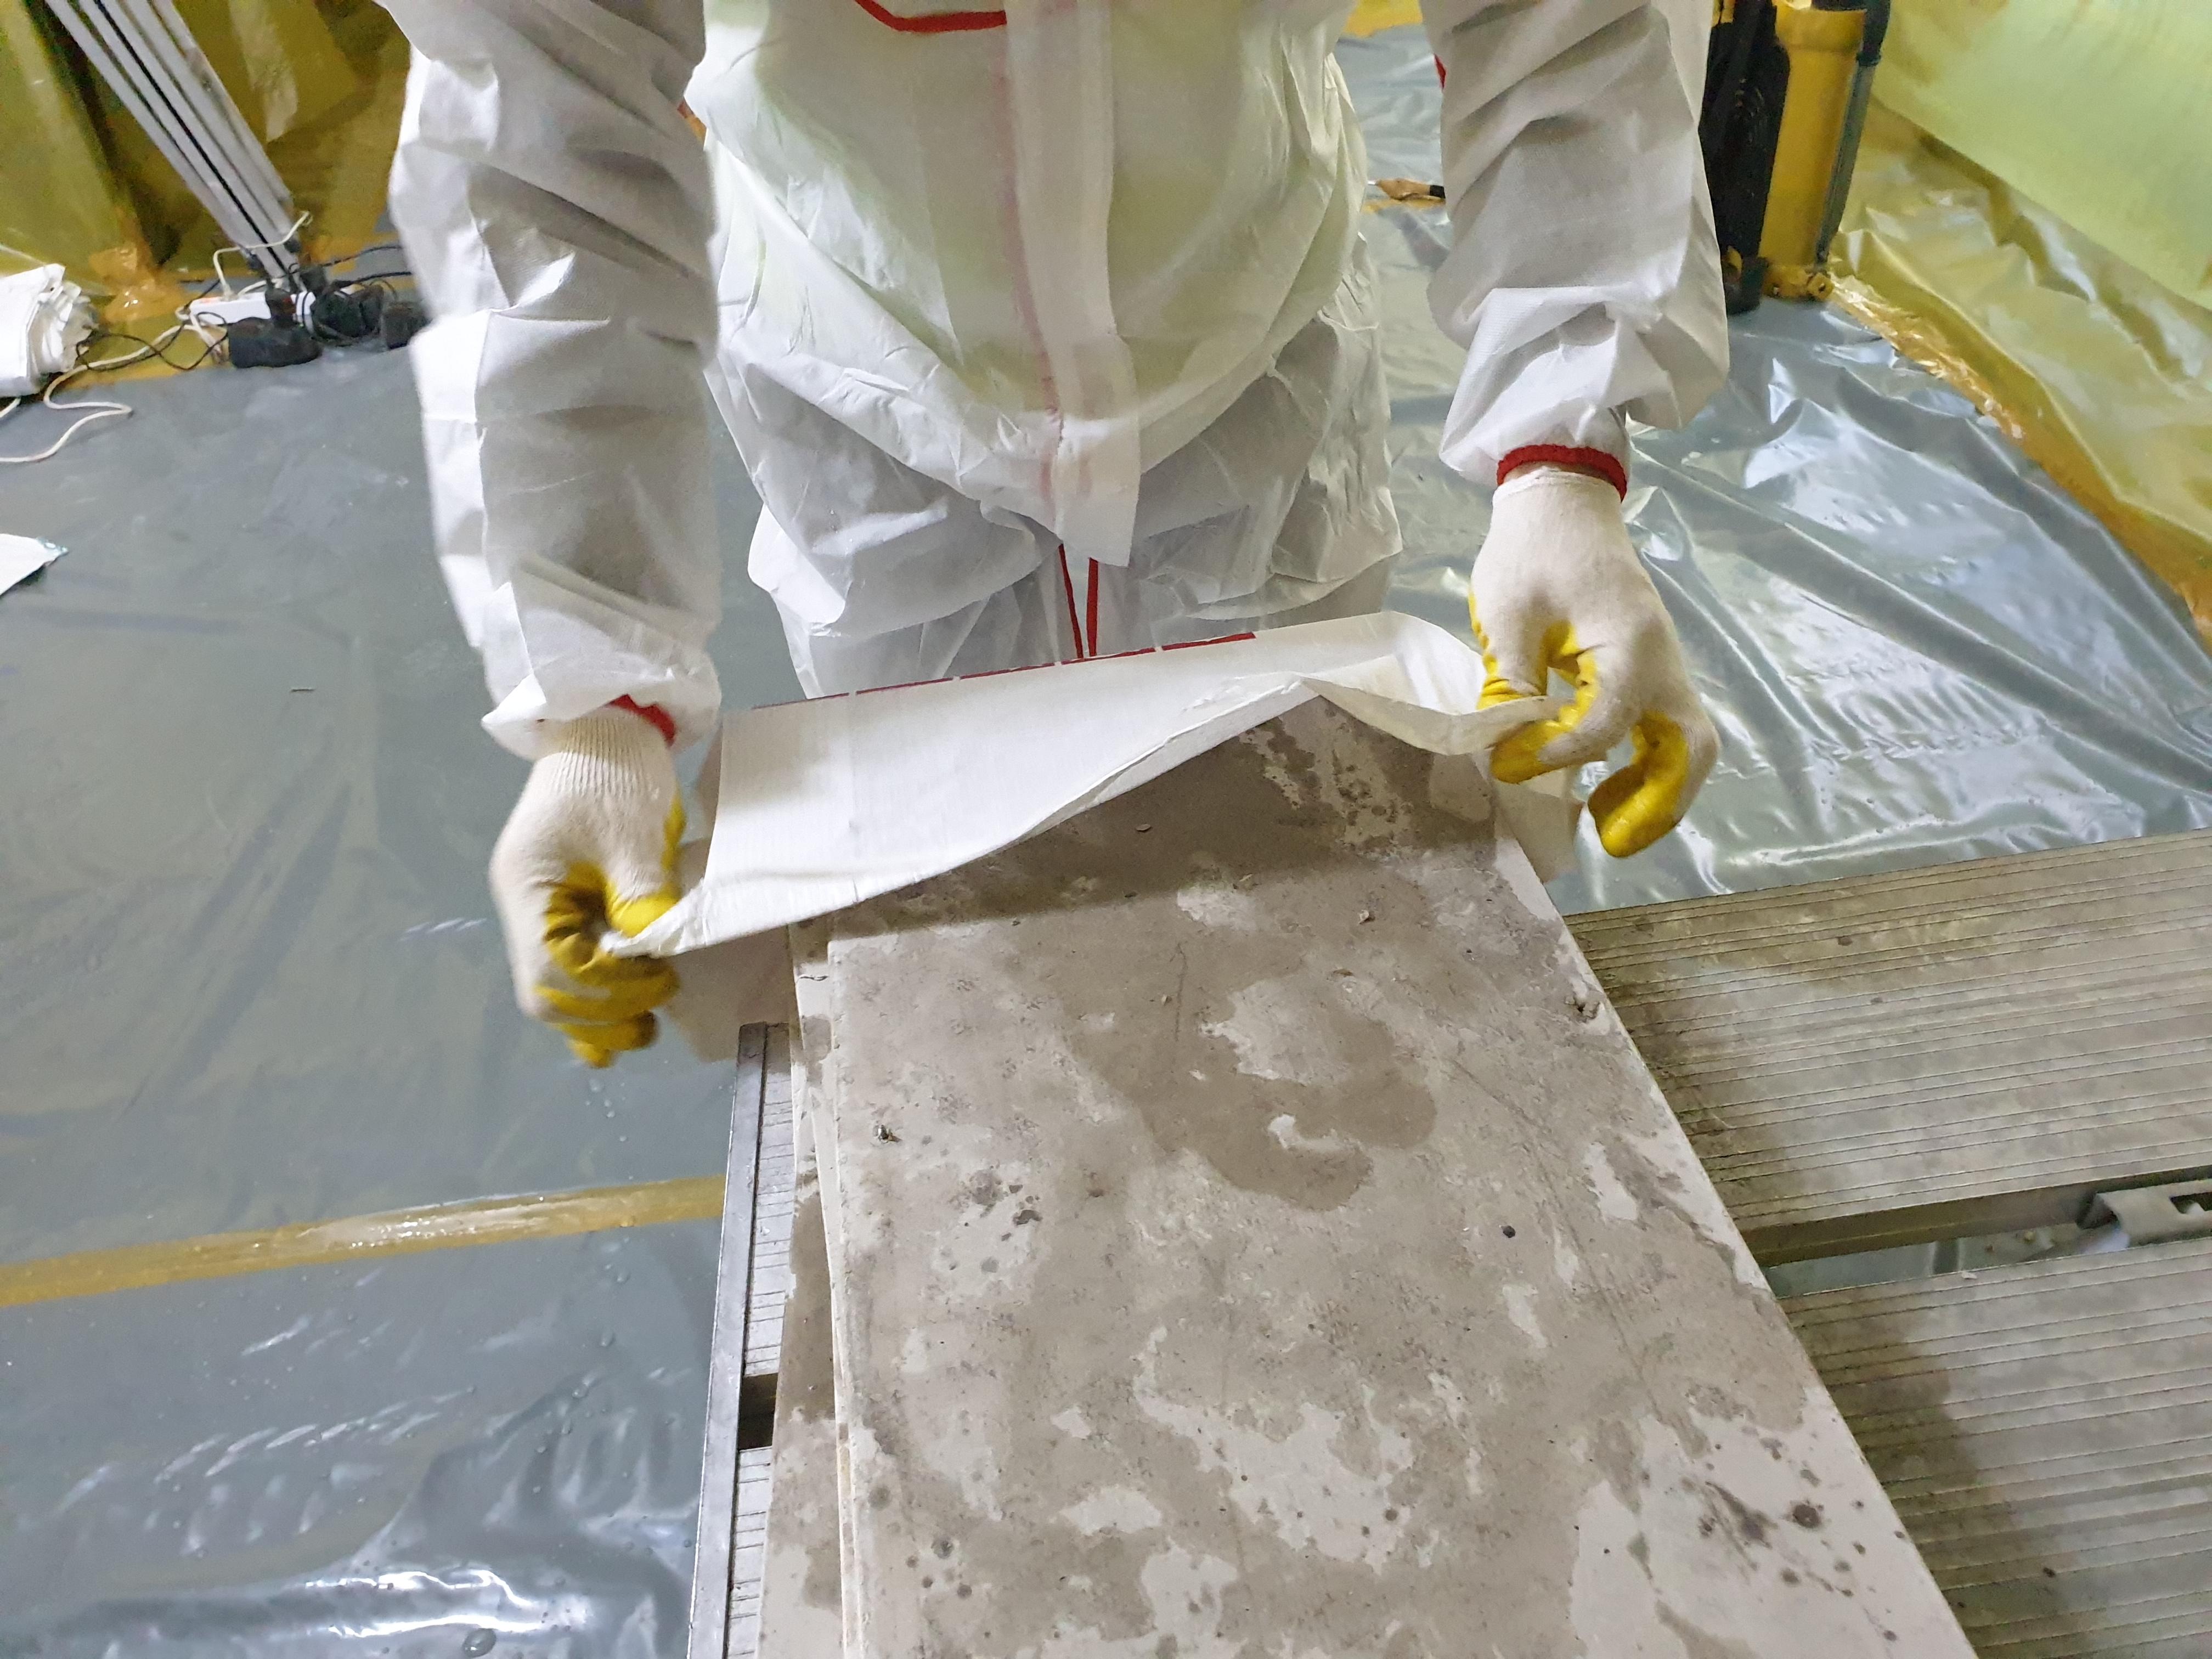 14 번째 사진  에  연면적125.09 ㎡ 창원 리모델링 공사전 텍스 석면해체 제거 현장보고서